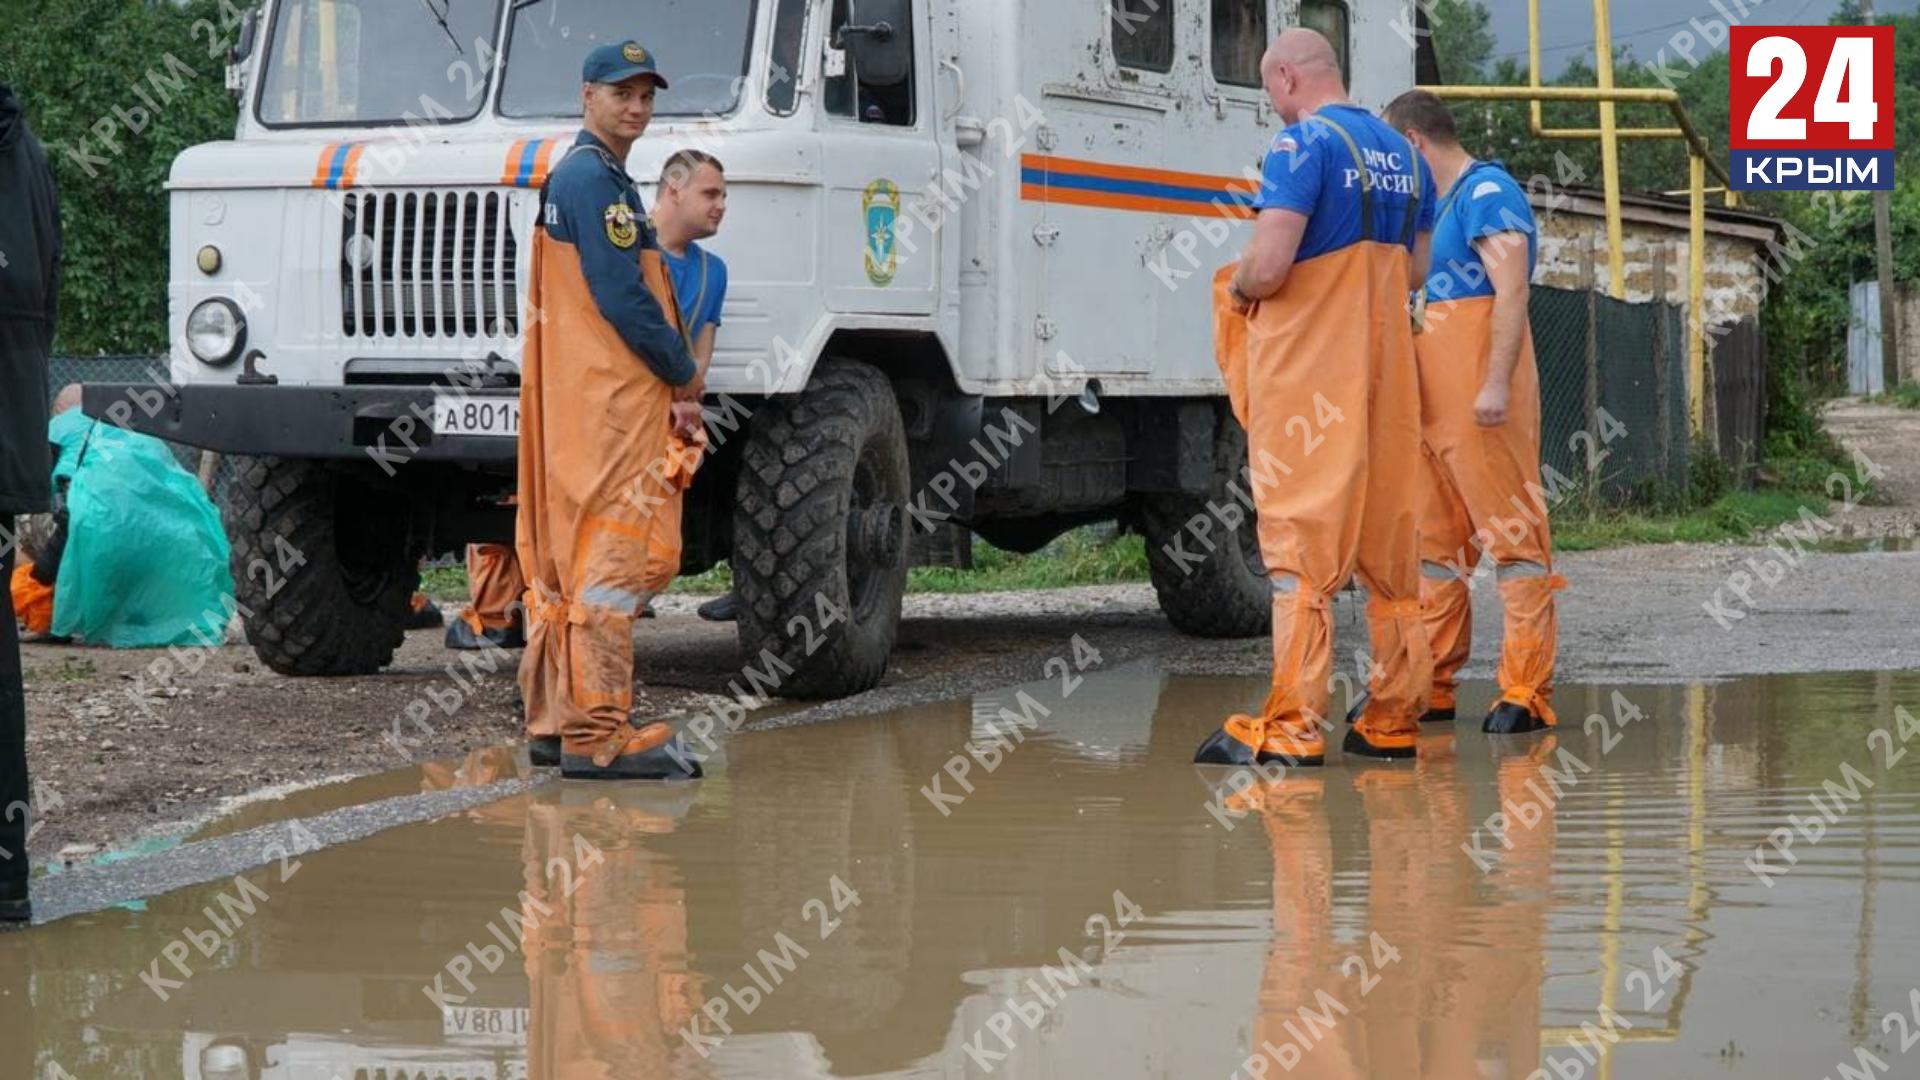 Поваленные деревья и подтопленные дома: Что сейчас происходит в посёлке Куйбышево